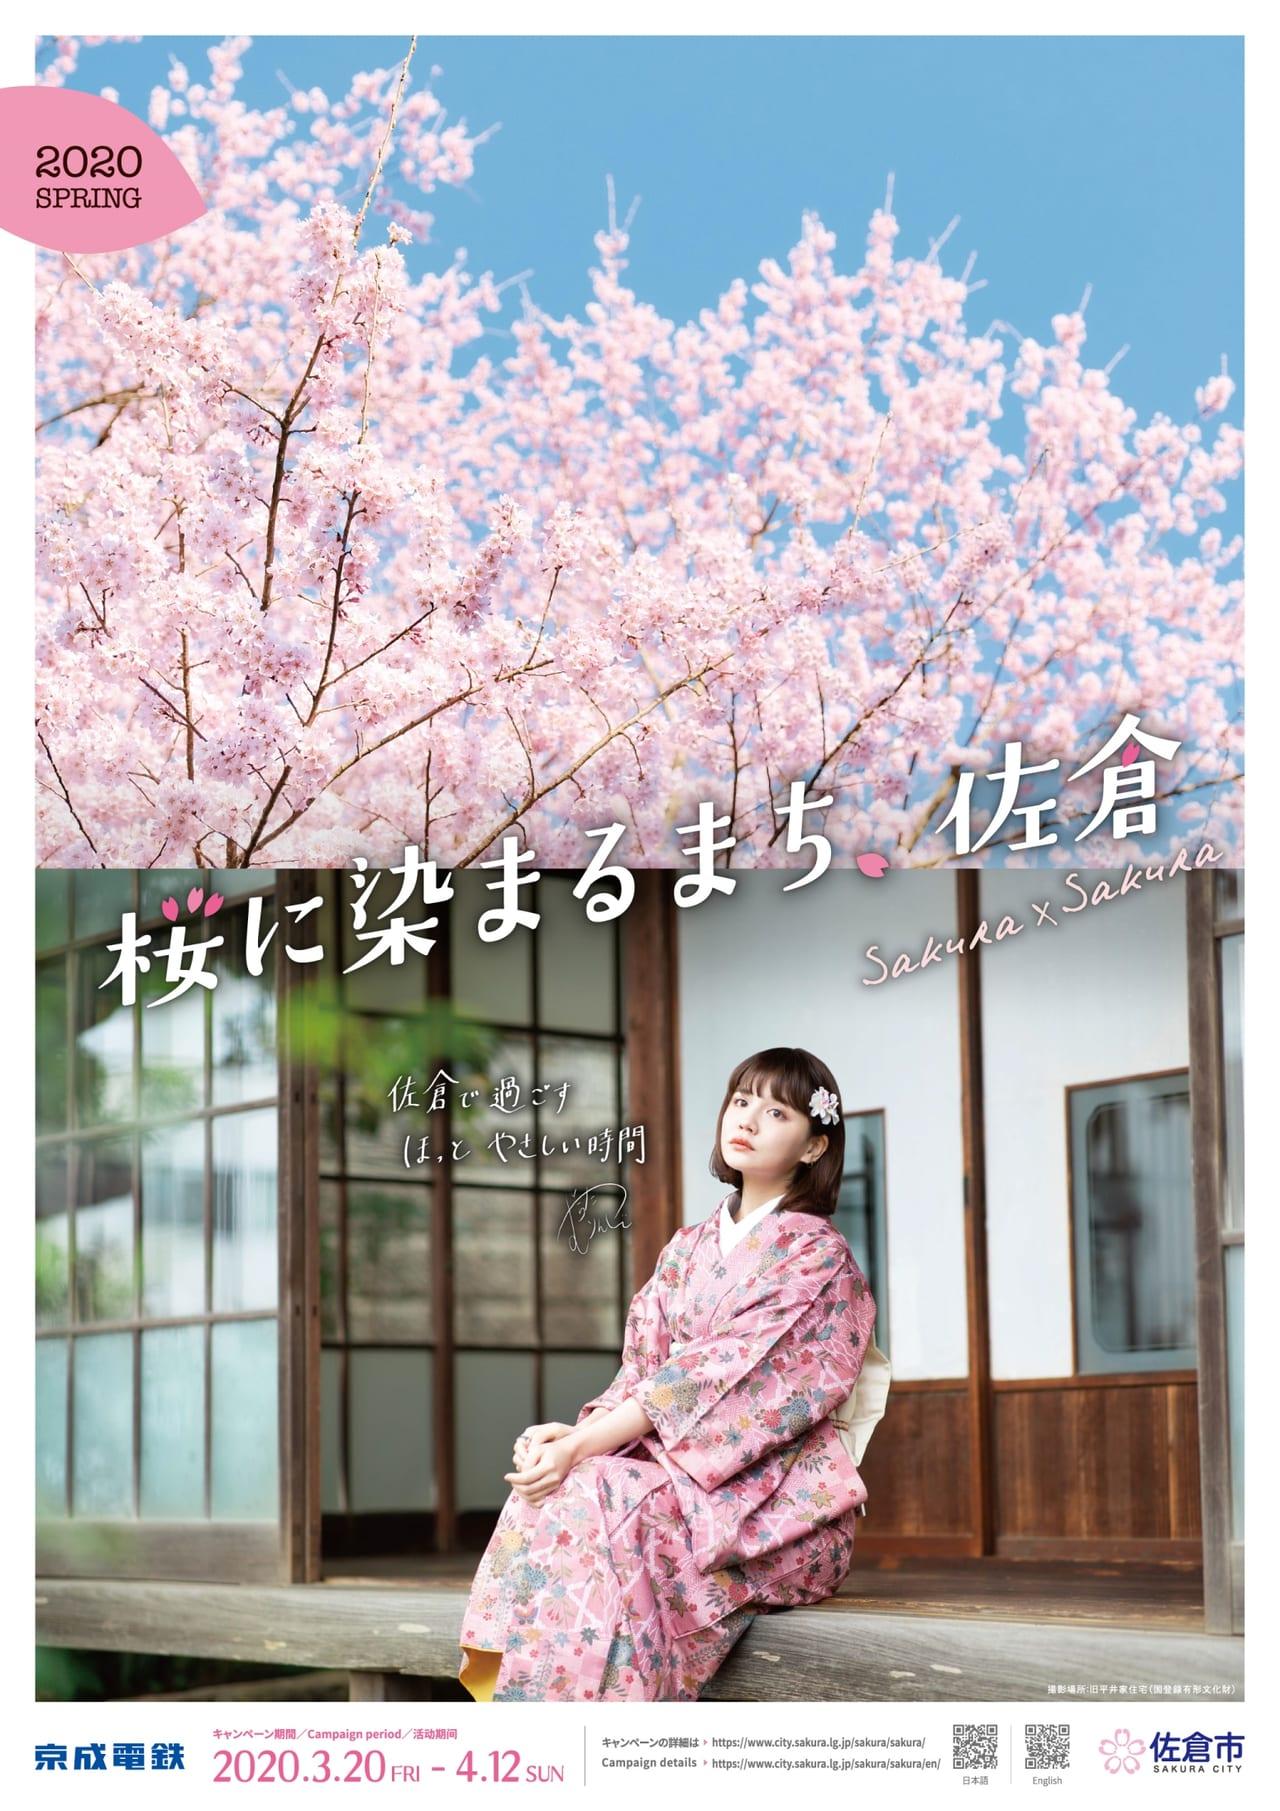 桜に染まるまちプレス画像